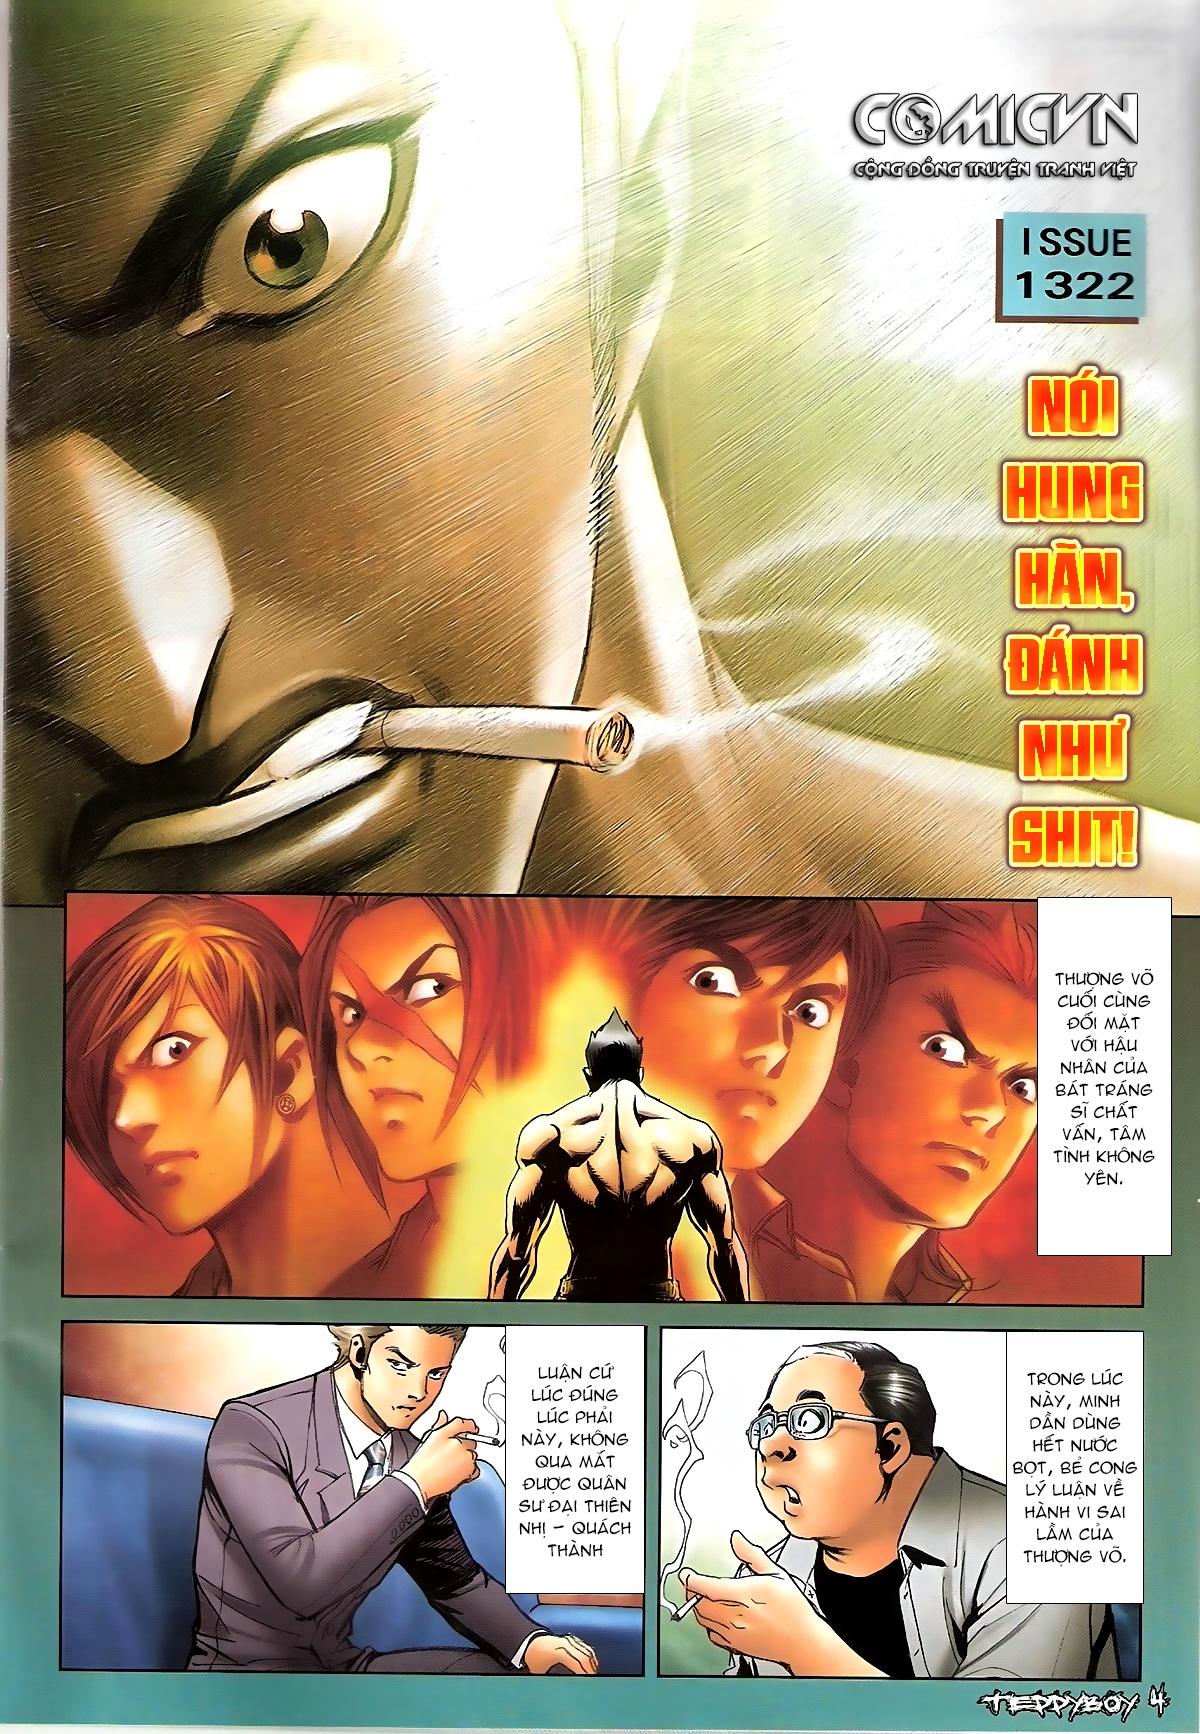 Người Trong Giang Hồ - Chapter 1322: Nói hung hăng - Pic 2